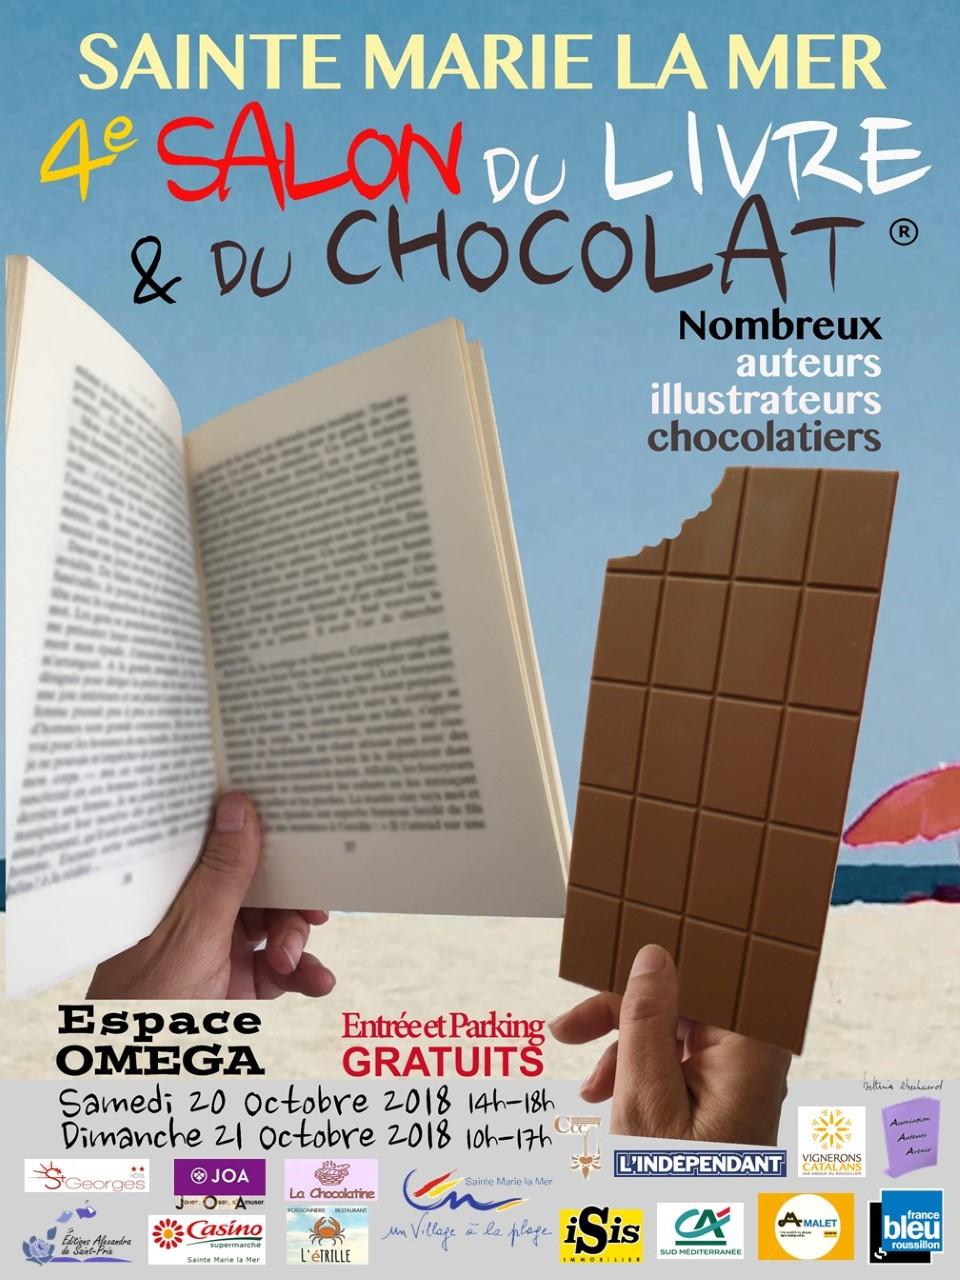 Thumbnail affiche 2018 4e salon du livre et du chocolat